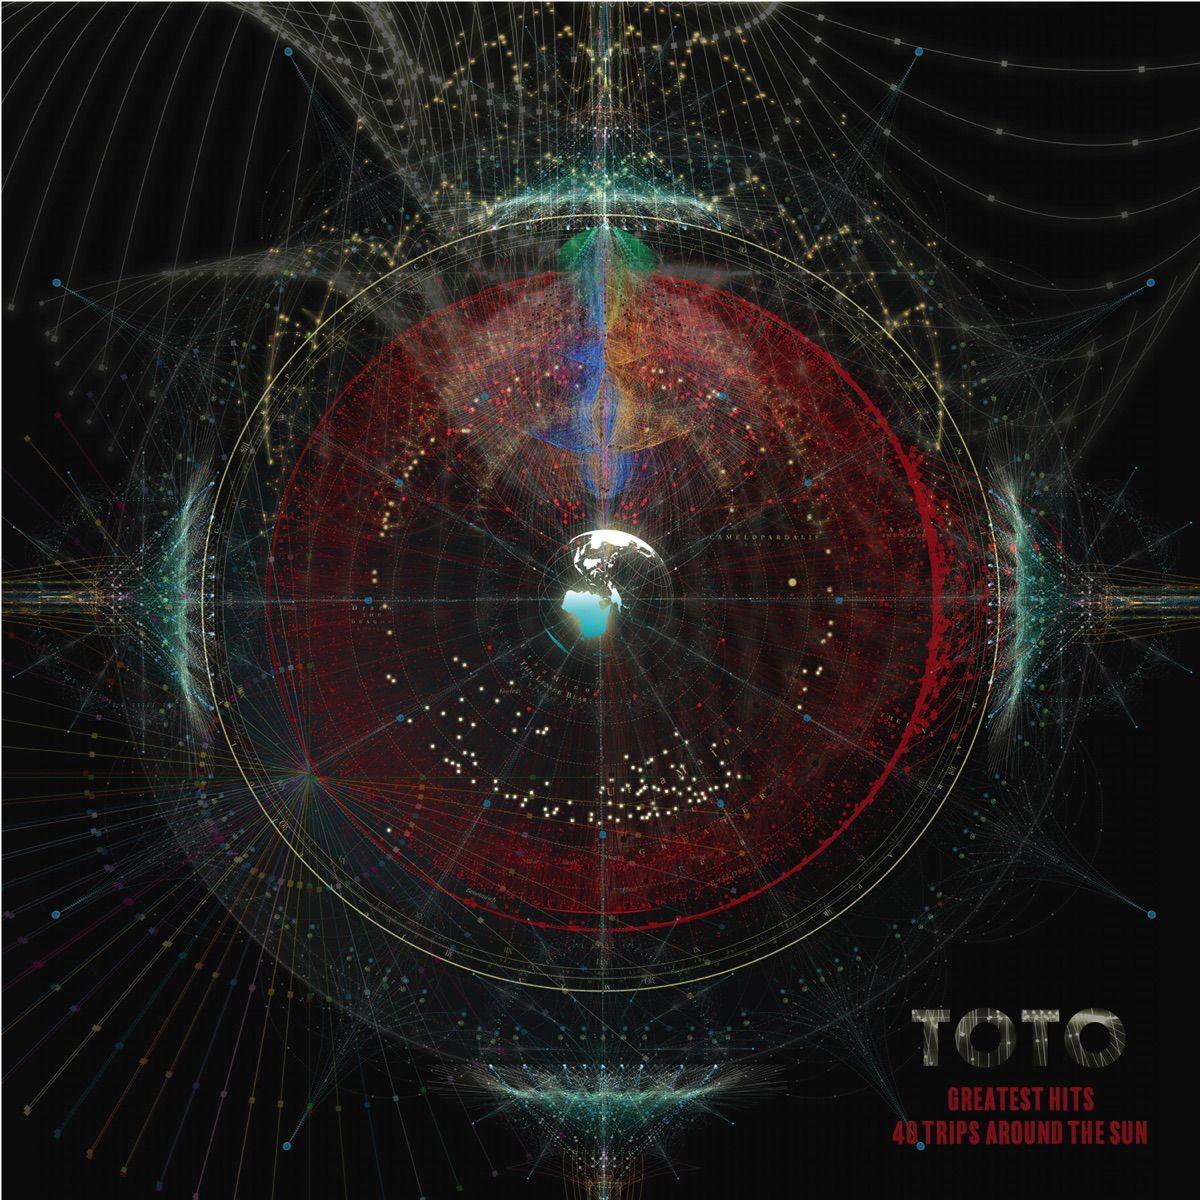 Toto - 40 Trips Around The Sun album cover